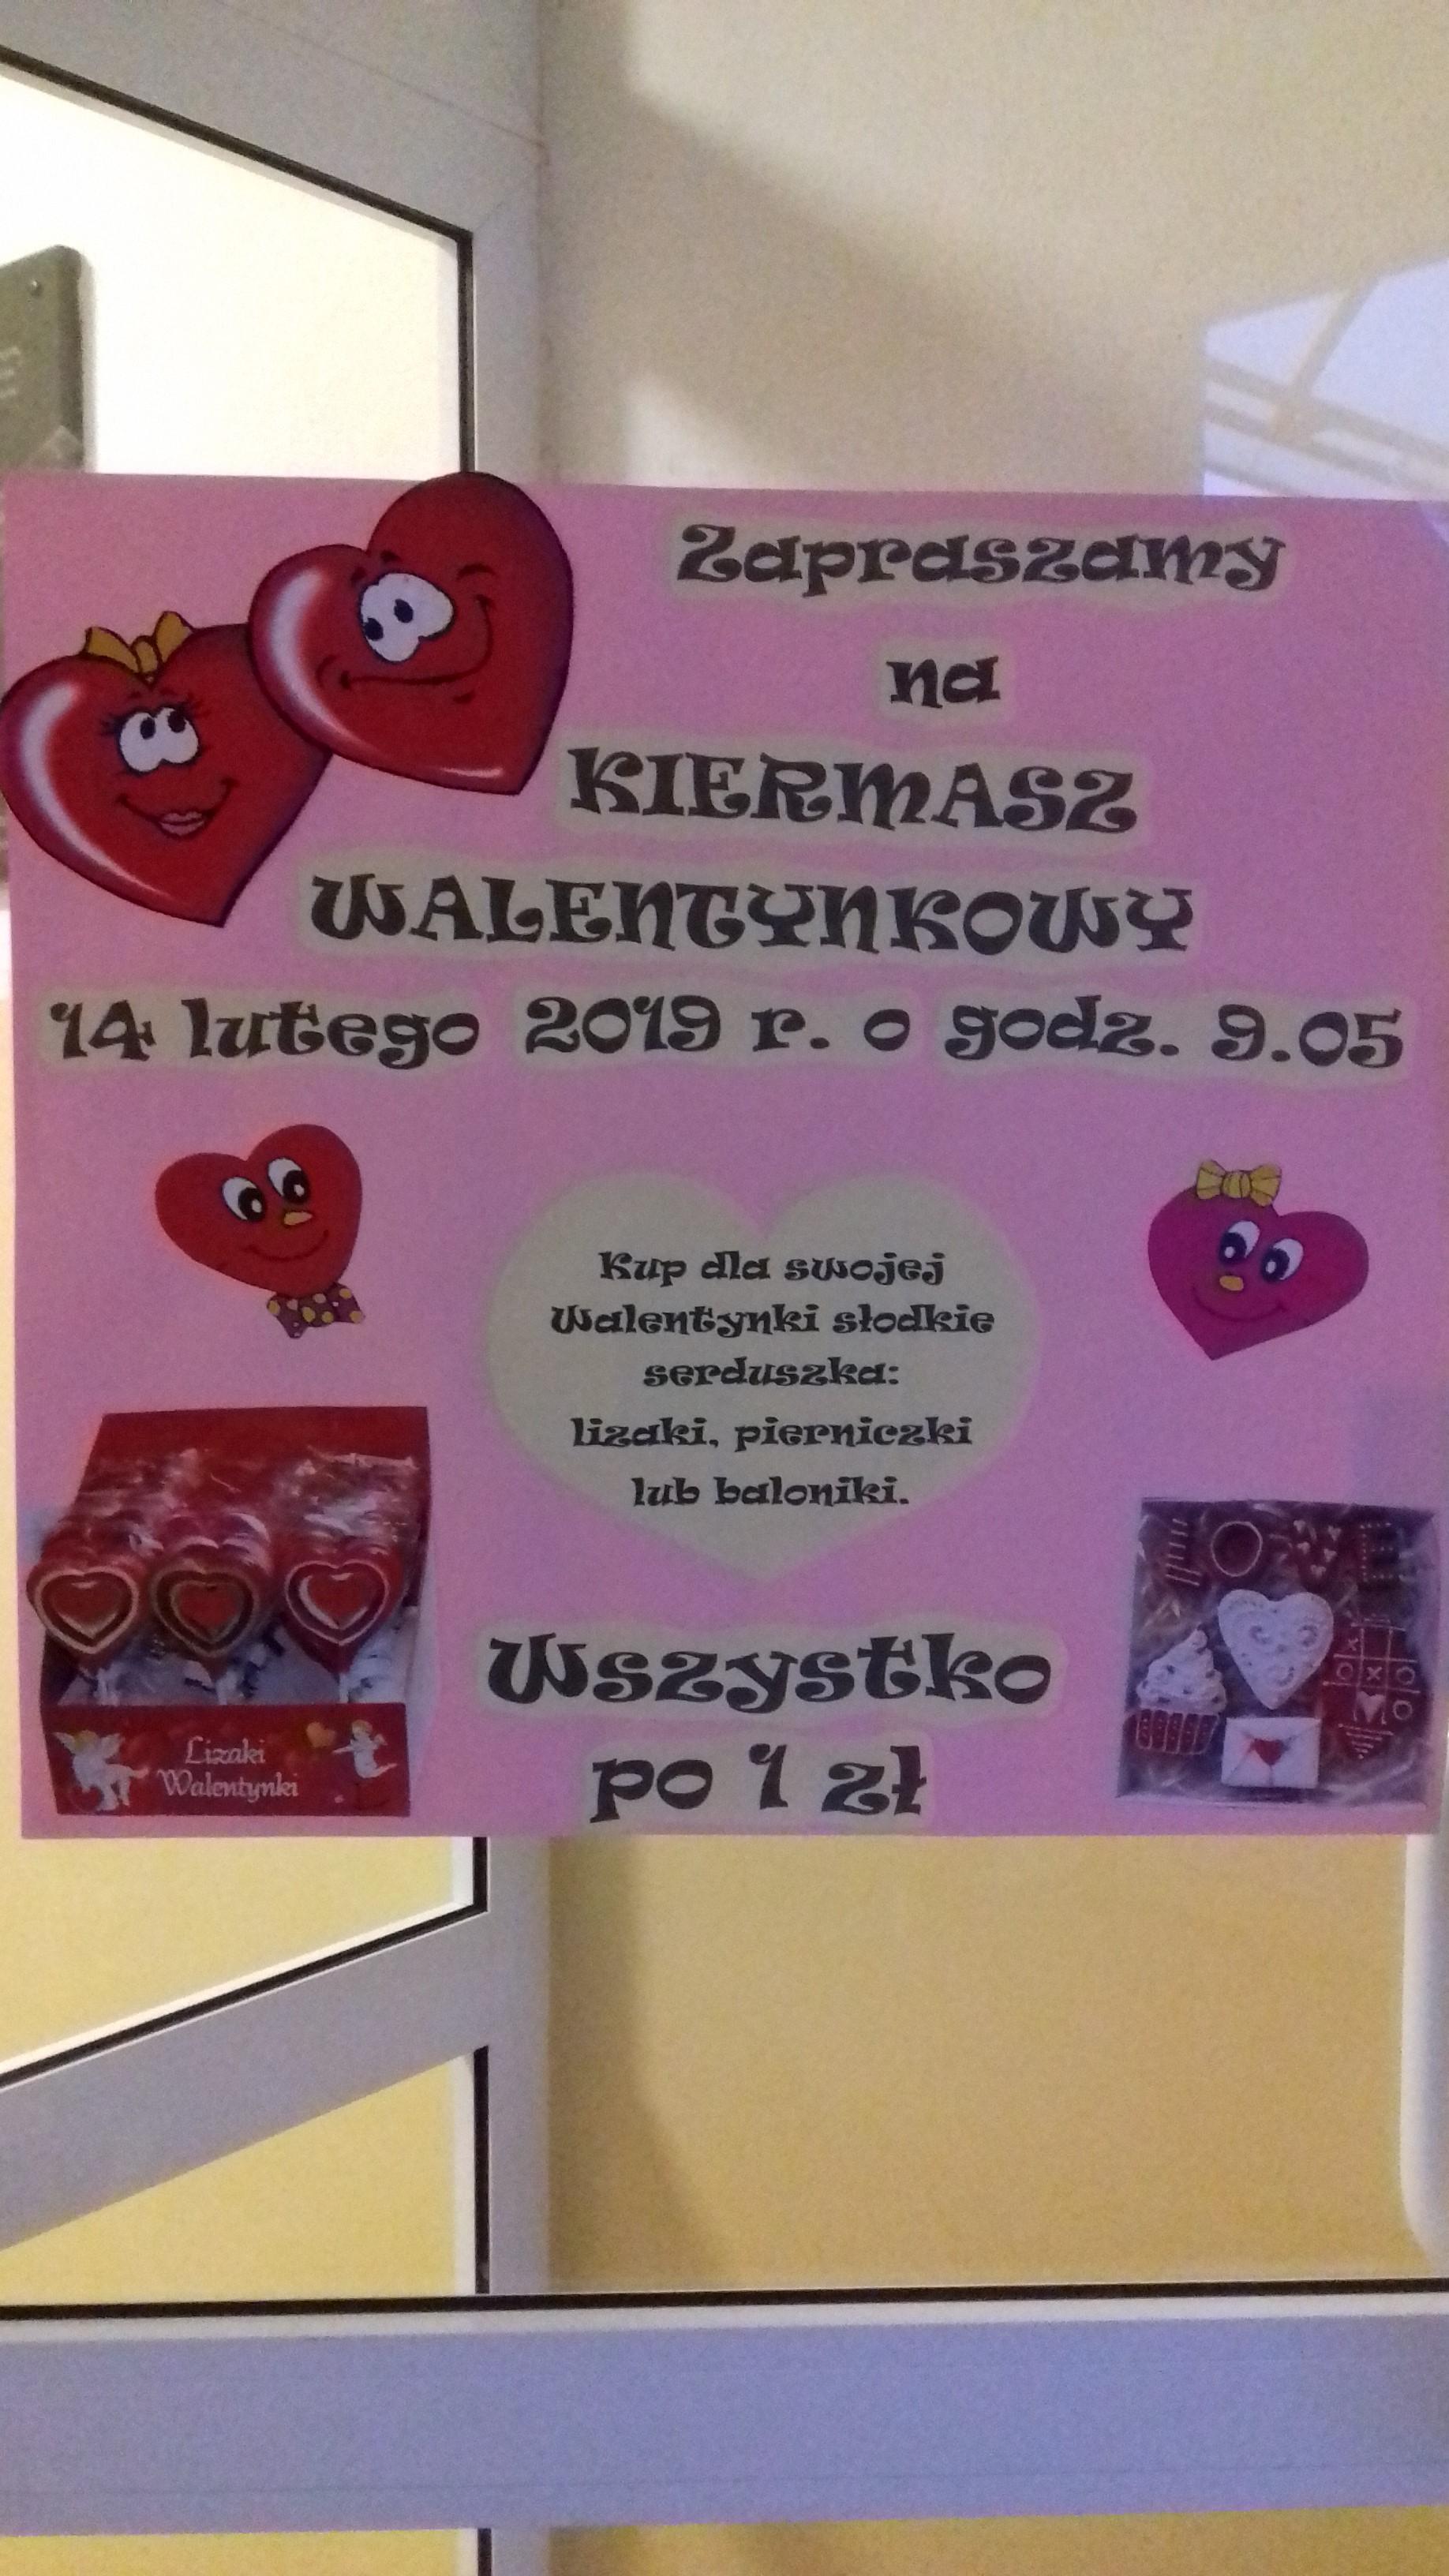 walentynki002